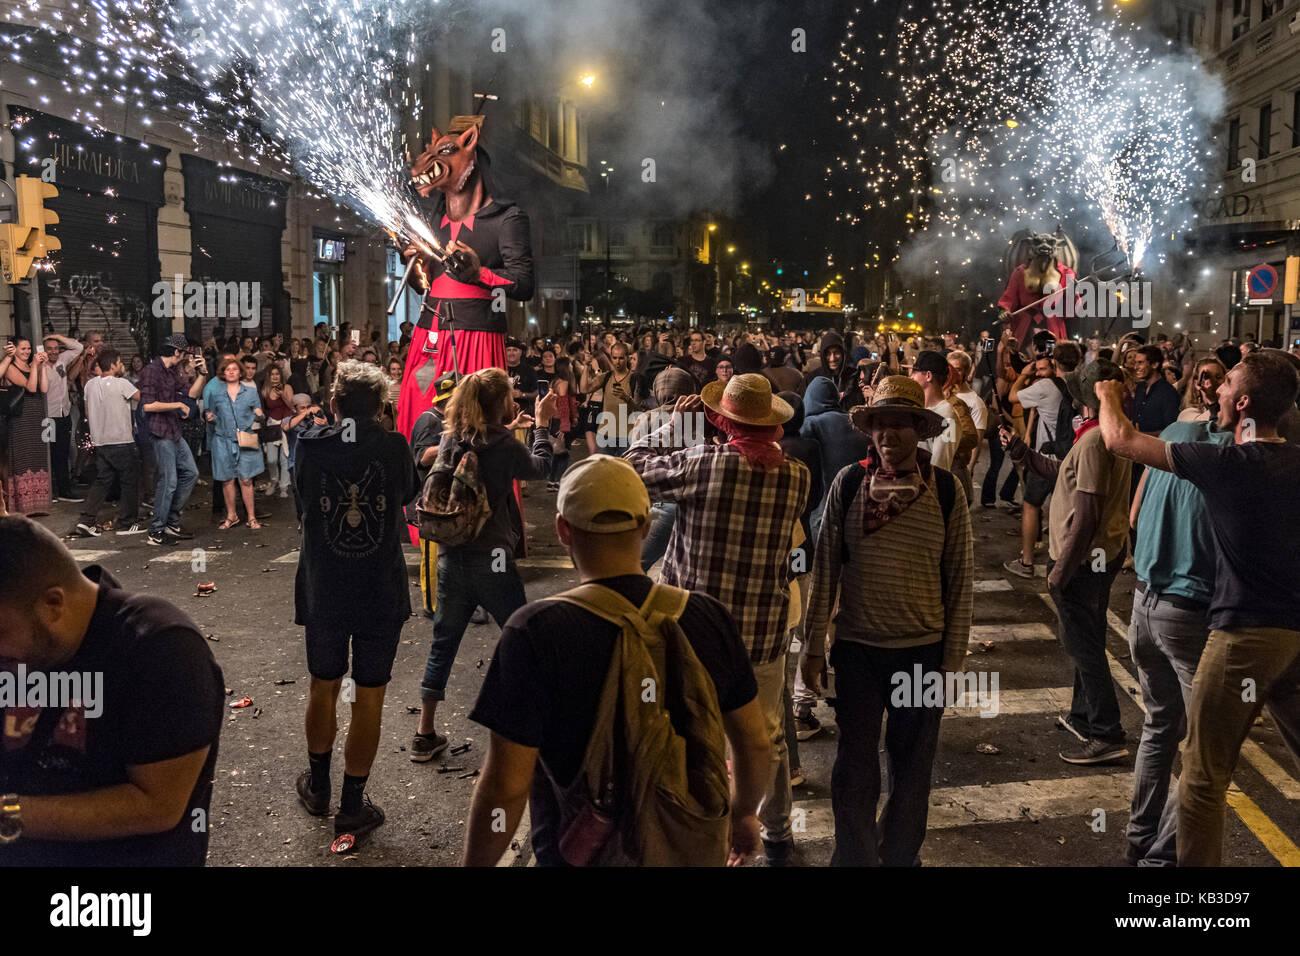 Correfocs sont parmi les plus remarquables caractéristiques présentes dans les festivals catalans. dans Photo Stock